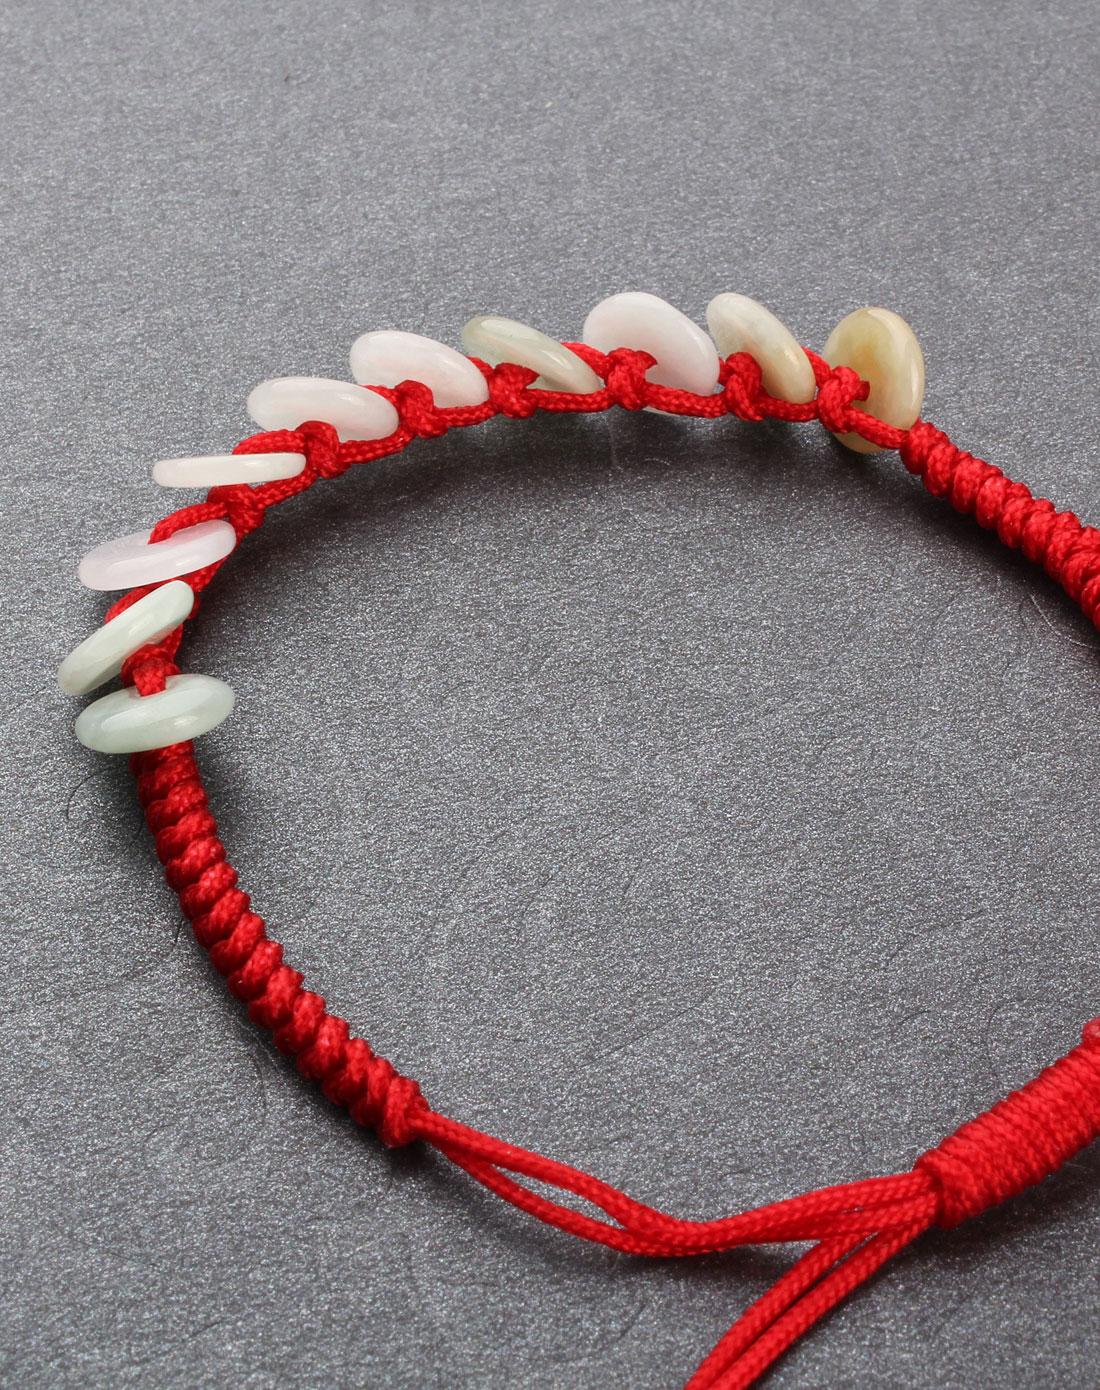 翡翠a货手工编织手链可调节平安扣